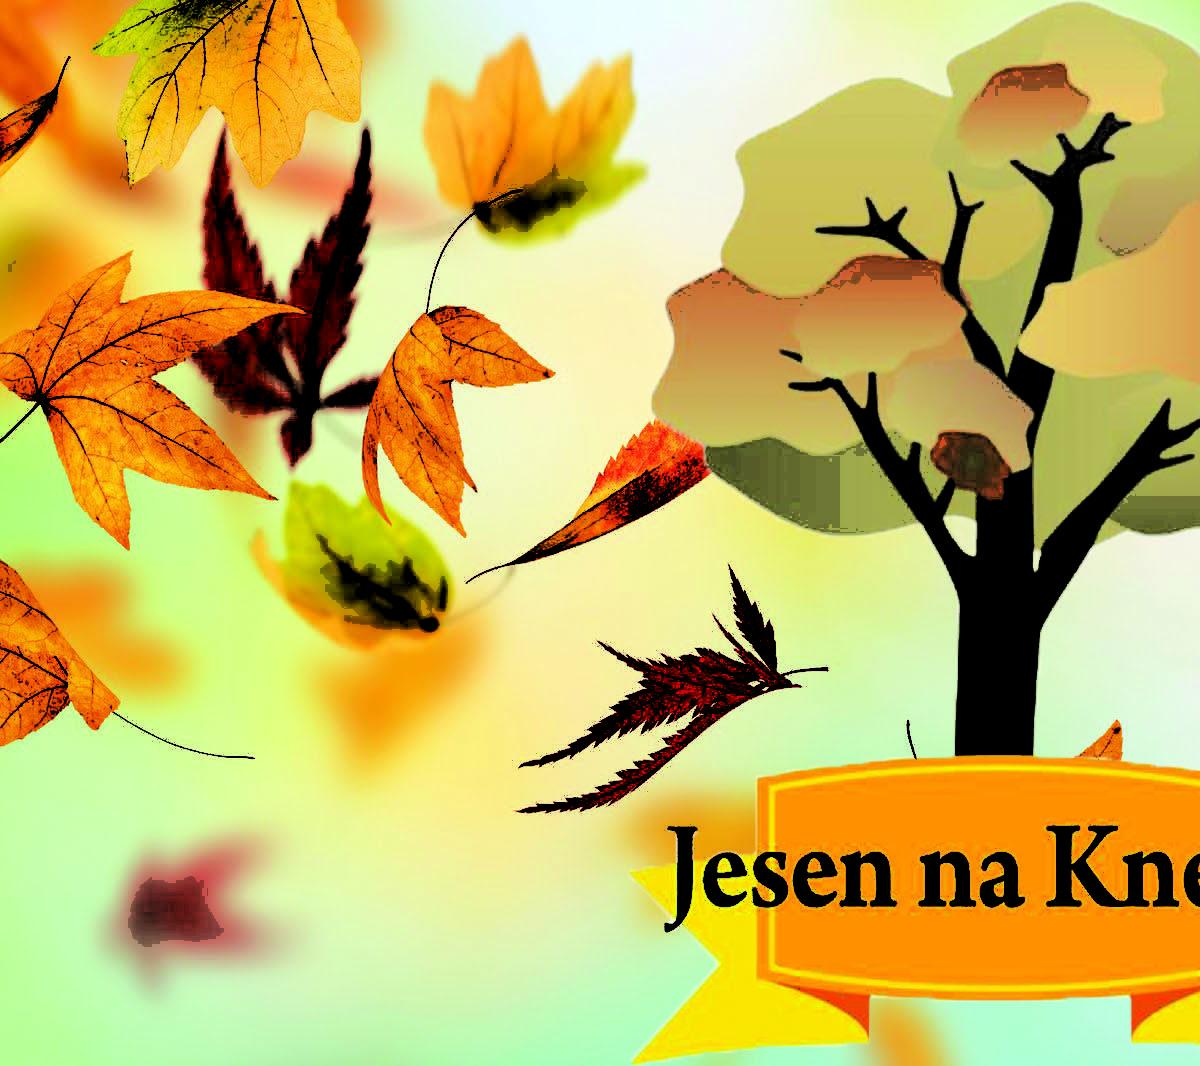 Jesen na Knežiji